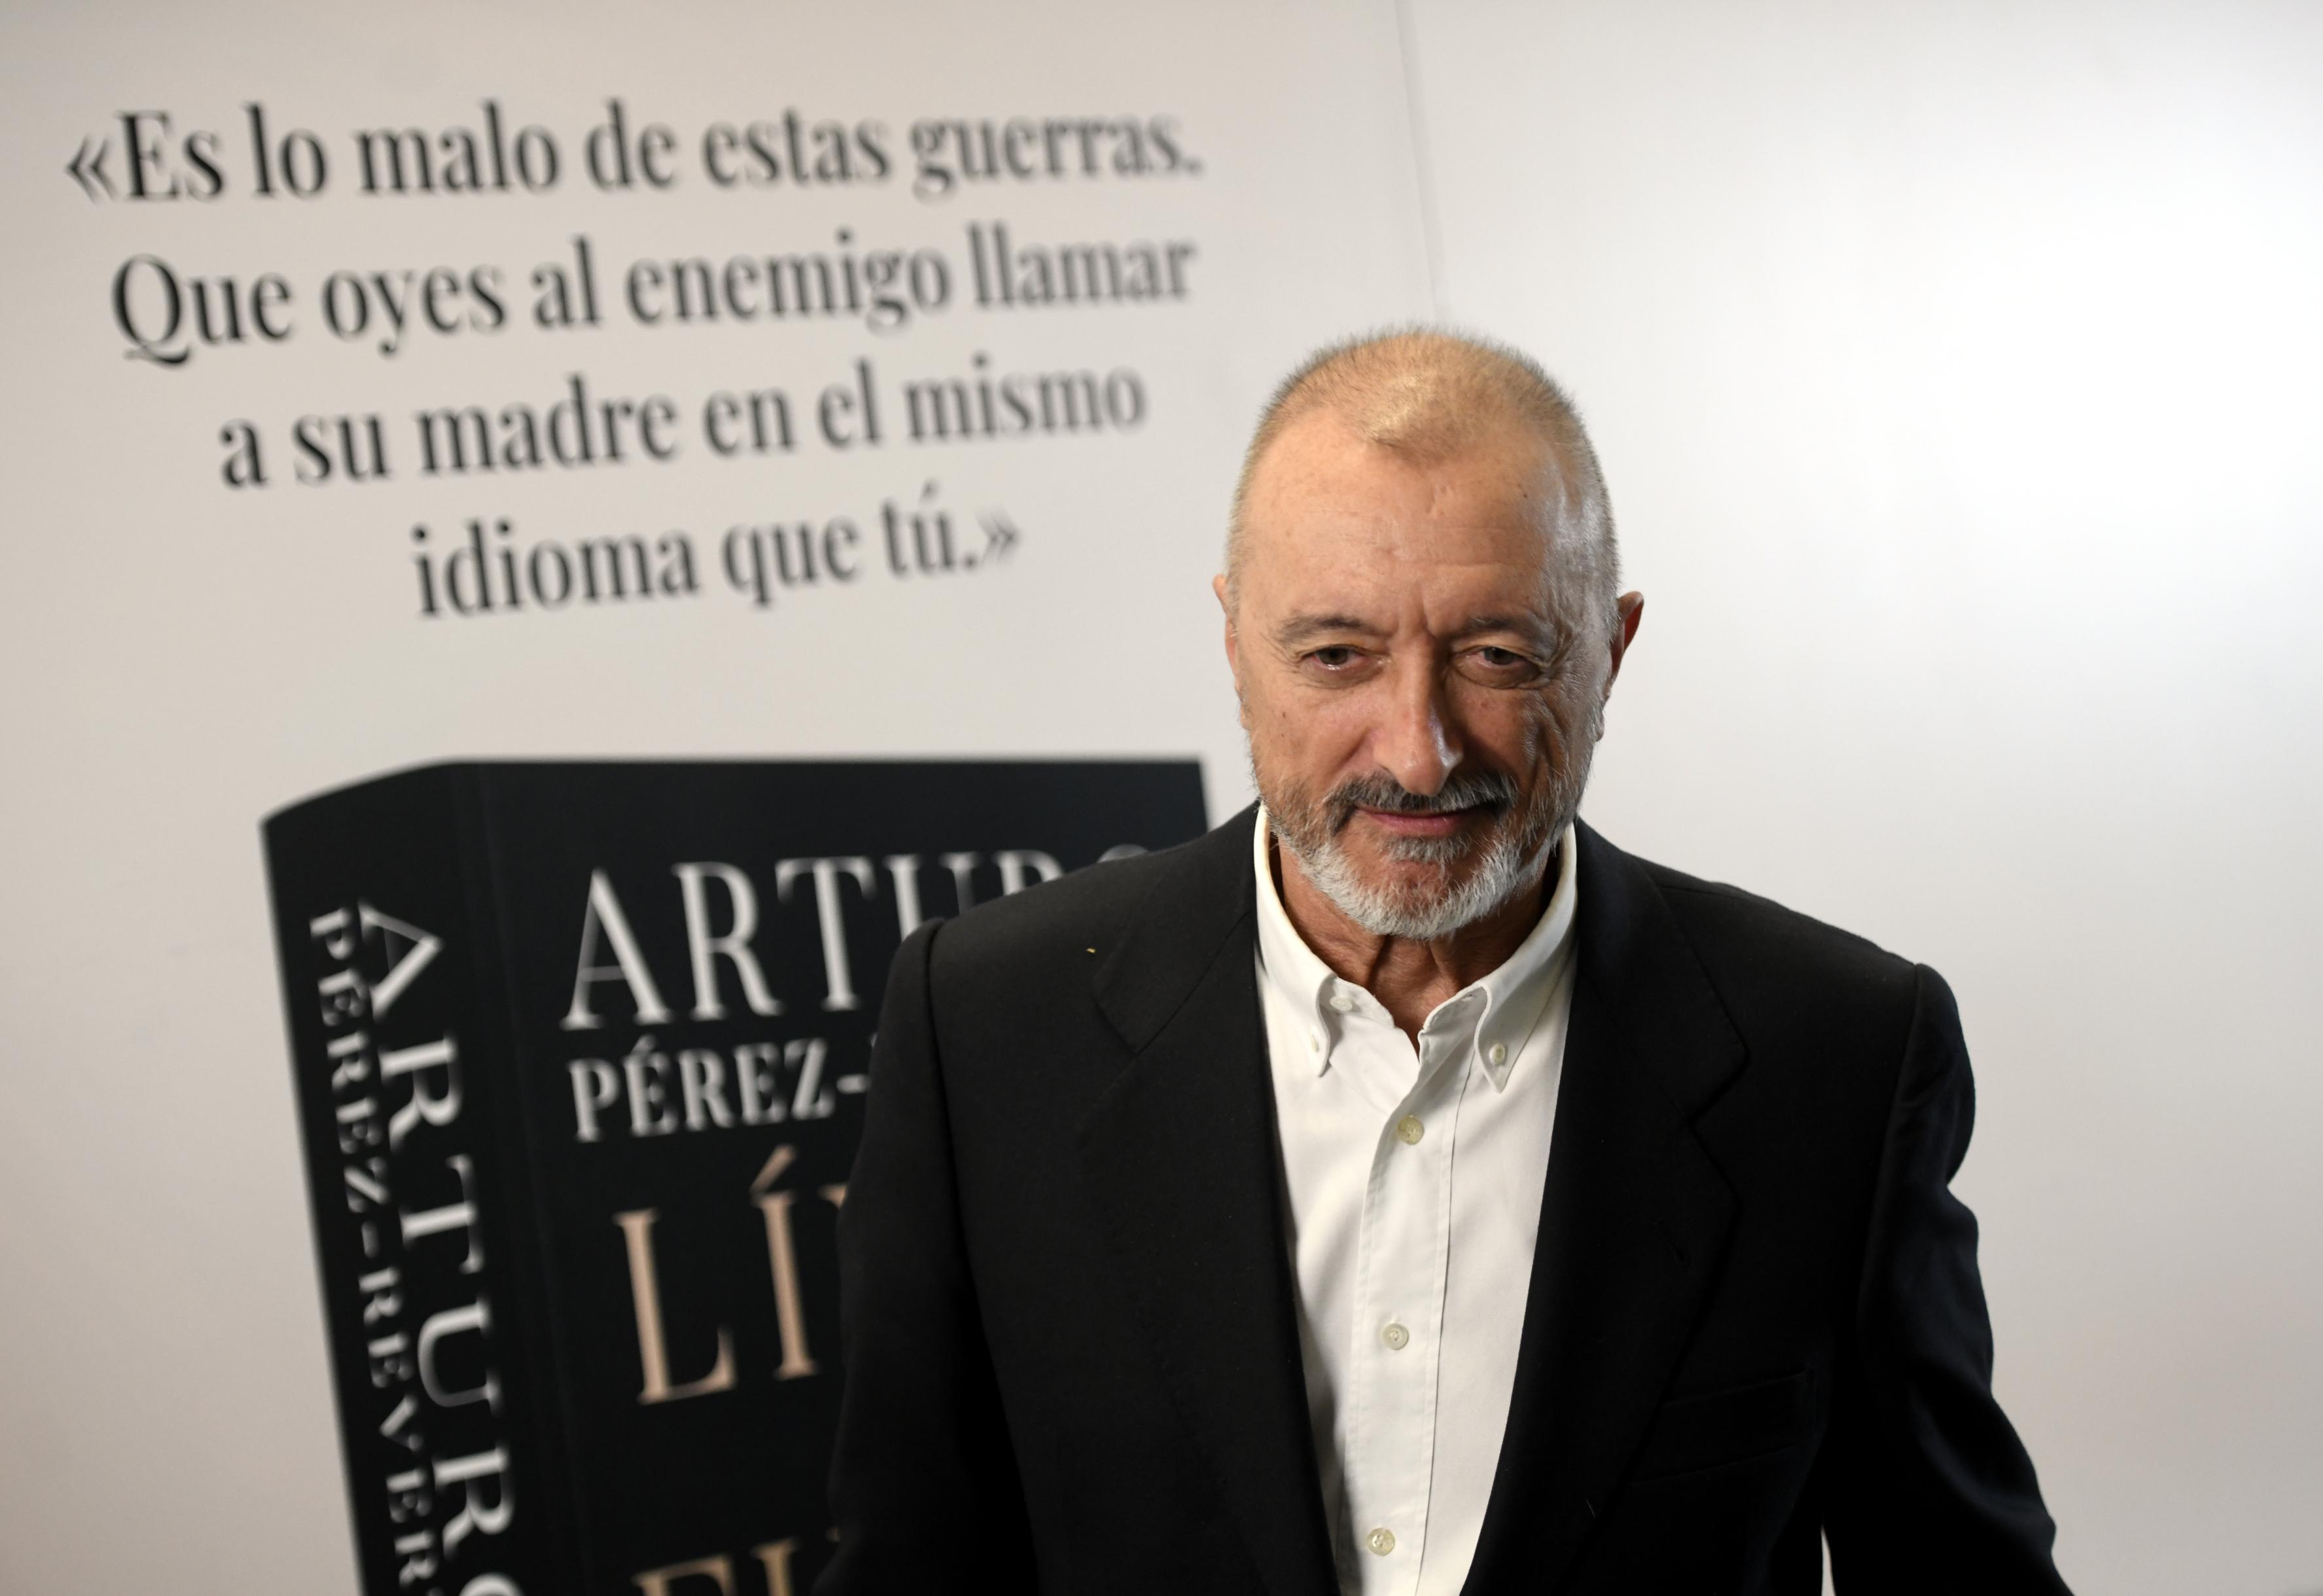 : El escritor Arturo Pérez-Reverte durante la presentación de su libro 'Línea de fuego' en el Hotel Westin Palace, en Madrid (España)